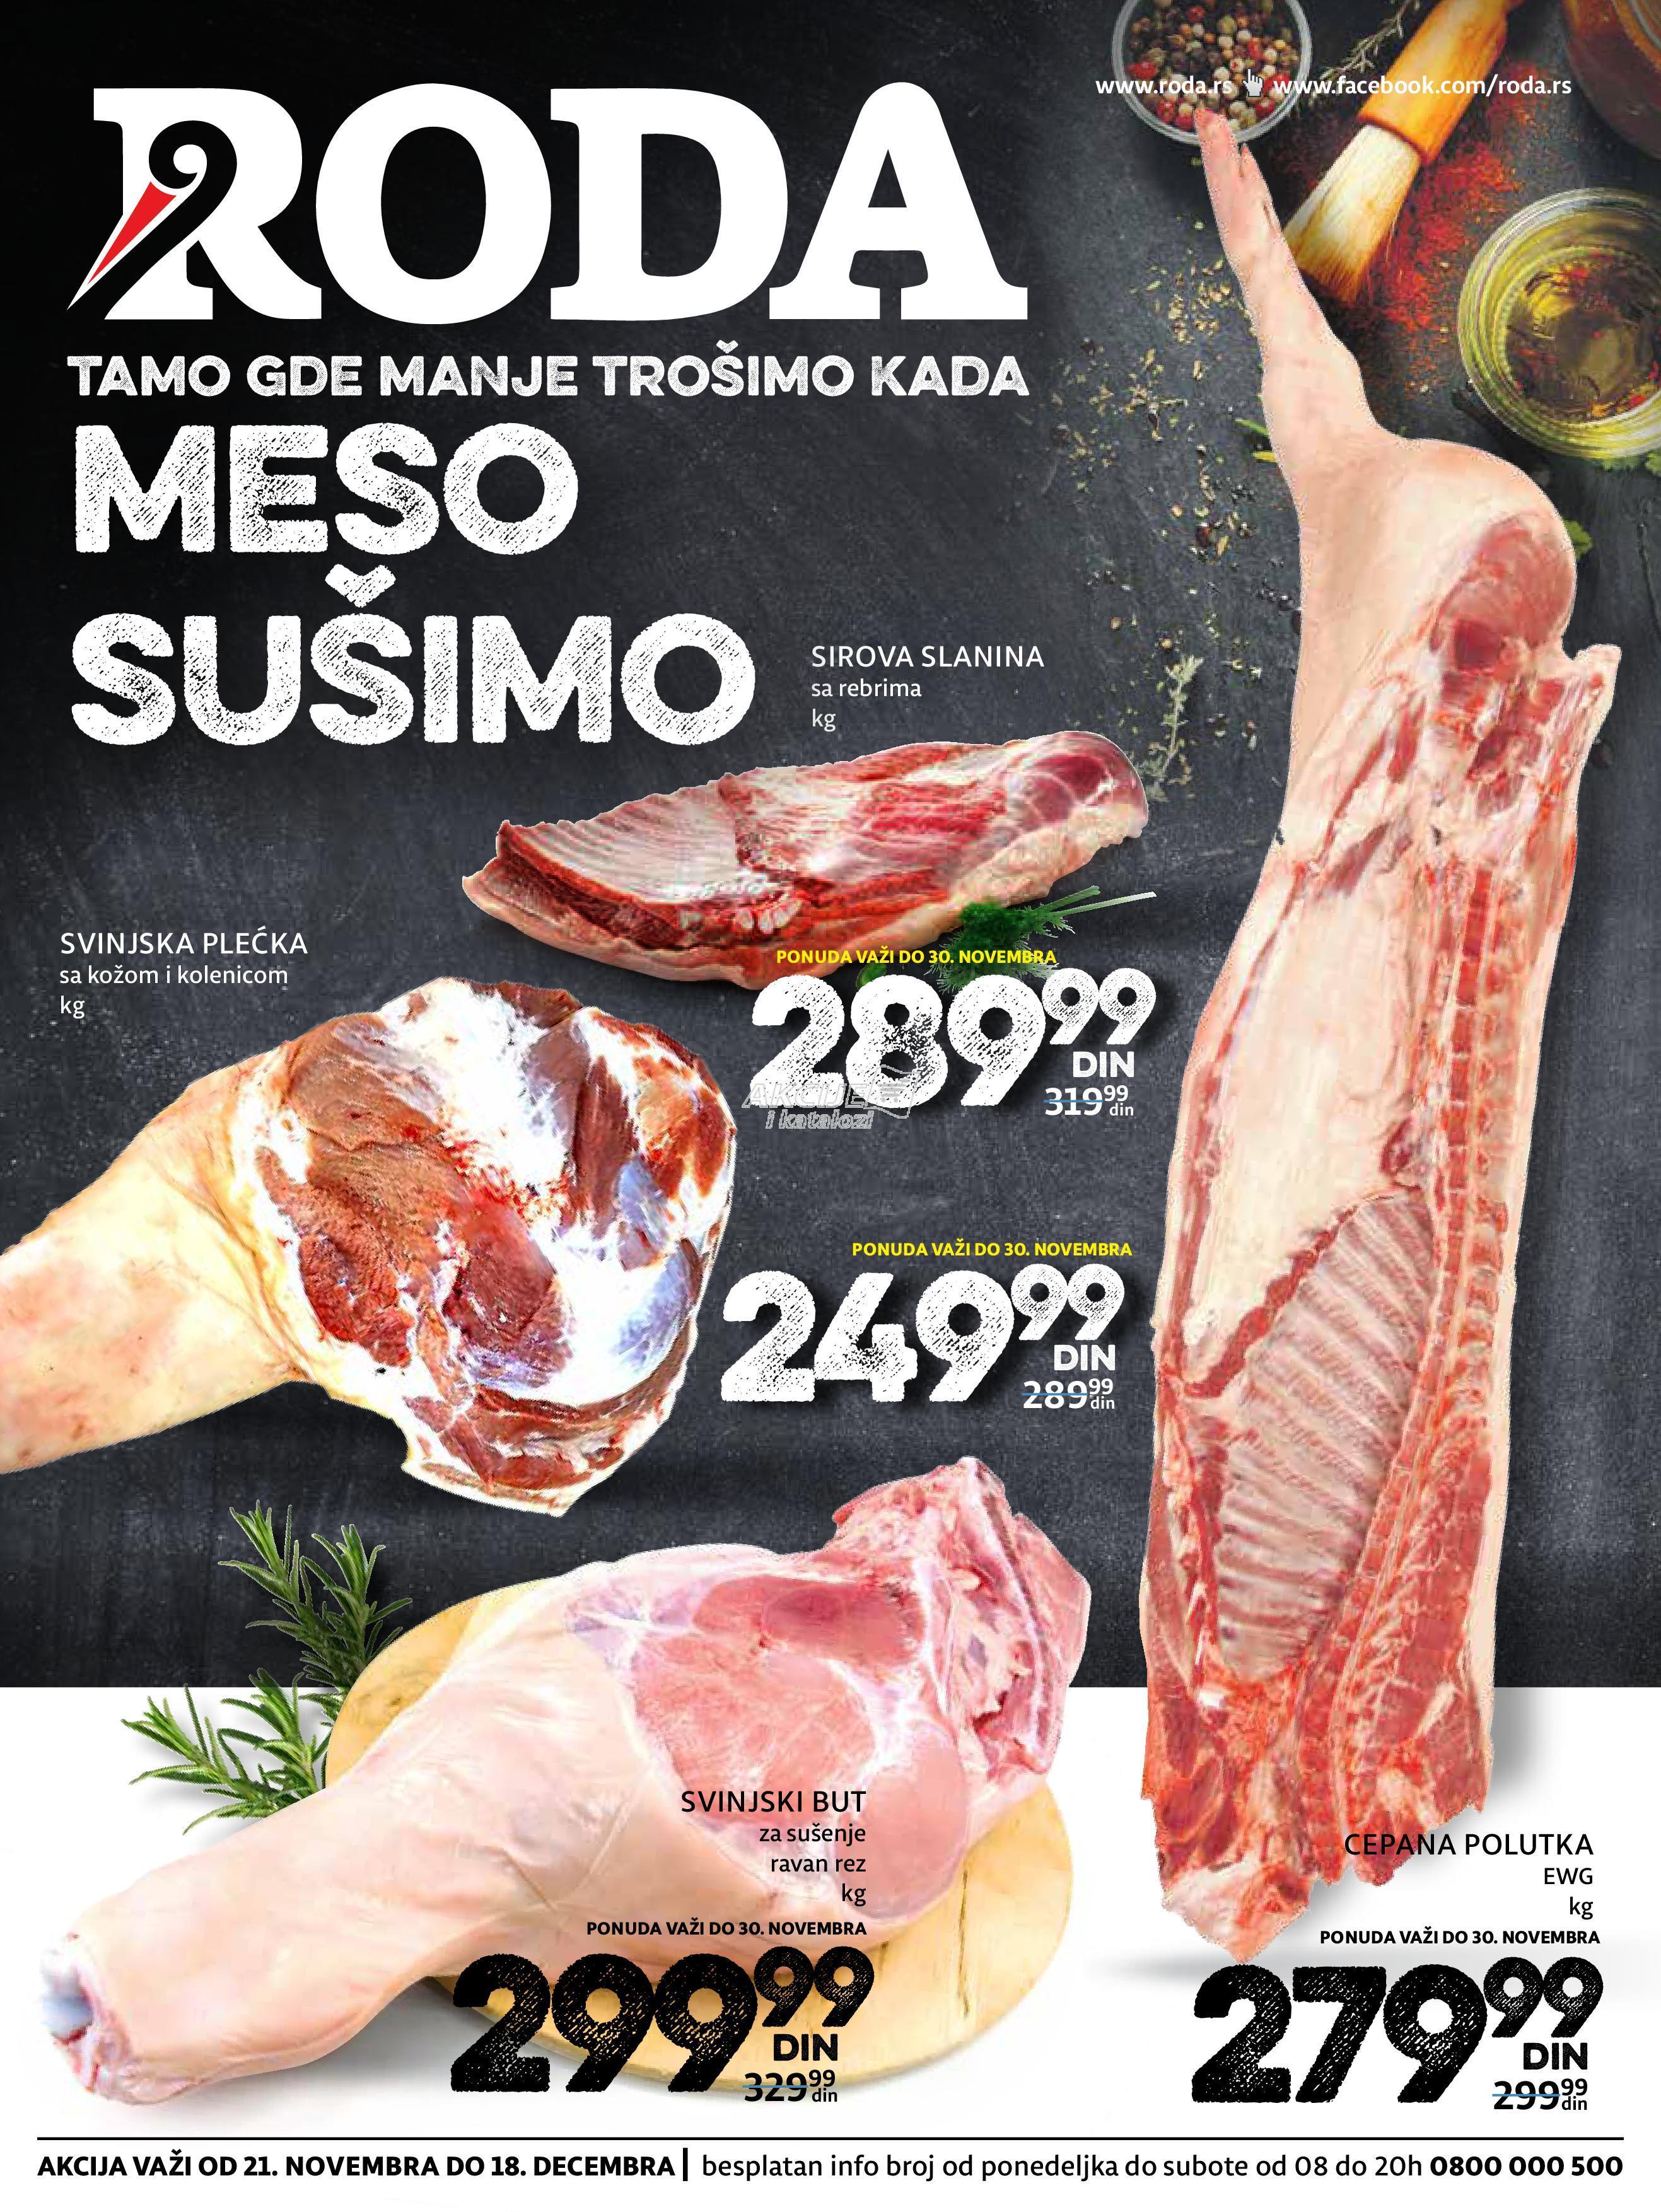 Roda - Redovna akcija sve za sušenje mesa